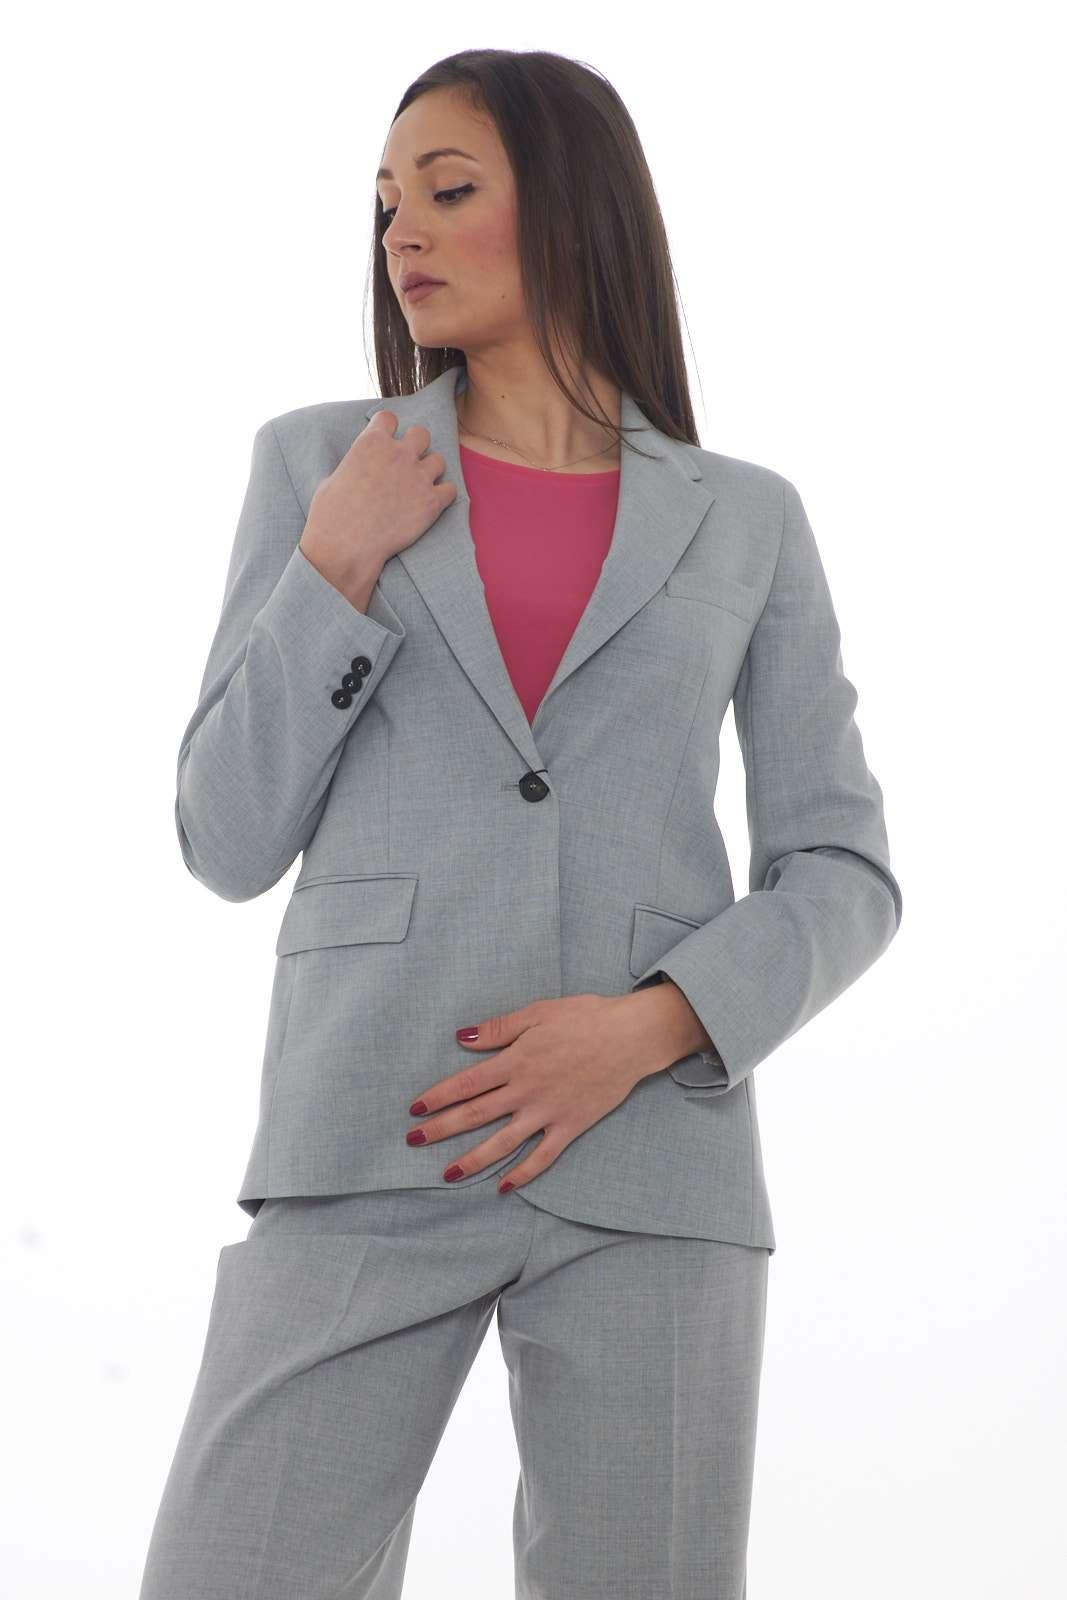 Una giacca per gli outfit più formali la SEQUOIA firmata dalla nuova collezione primavera estate di Weekend Max Mara. Da indossare con un pantalone elegante o con un jeans fashion si adatta ad ogni look. Un essential per la donna più esigente.